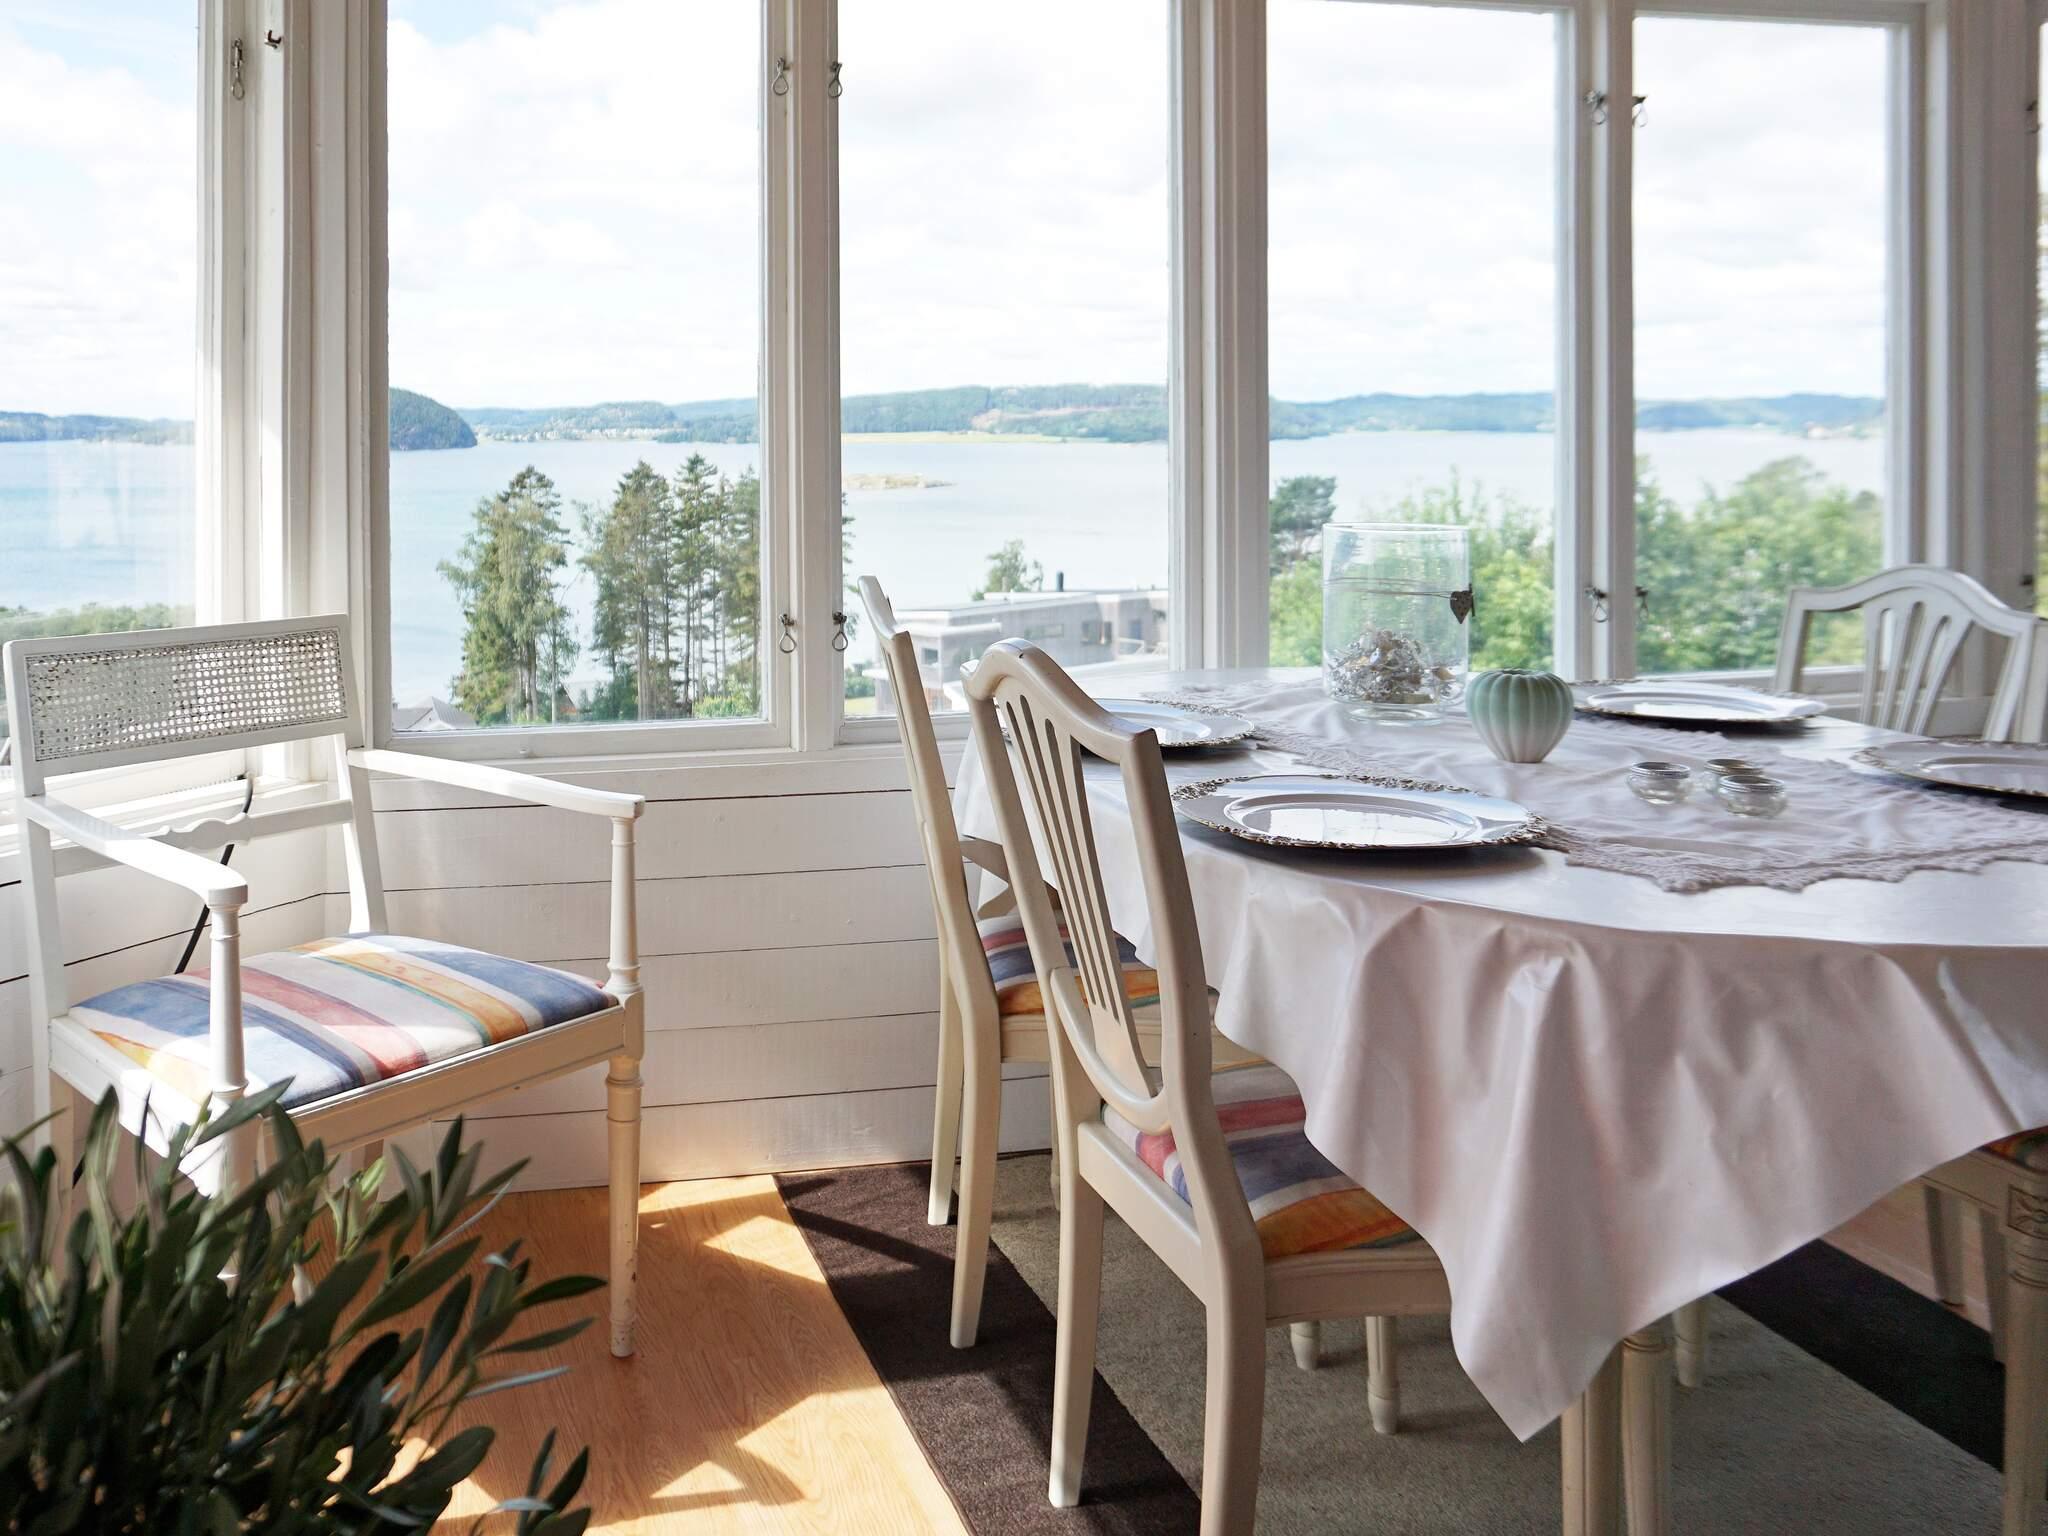 Ferienhaus Uddevalla (2644650), Uddevalla, Västra Götaland län, Westschweden, Schweden, Bild 10